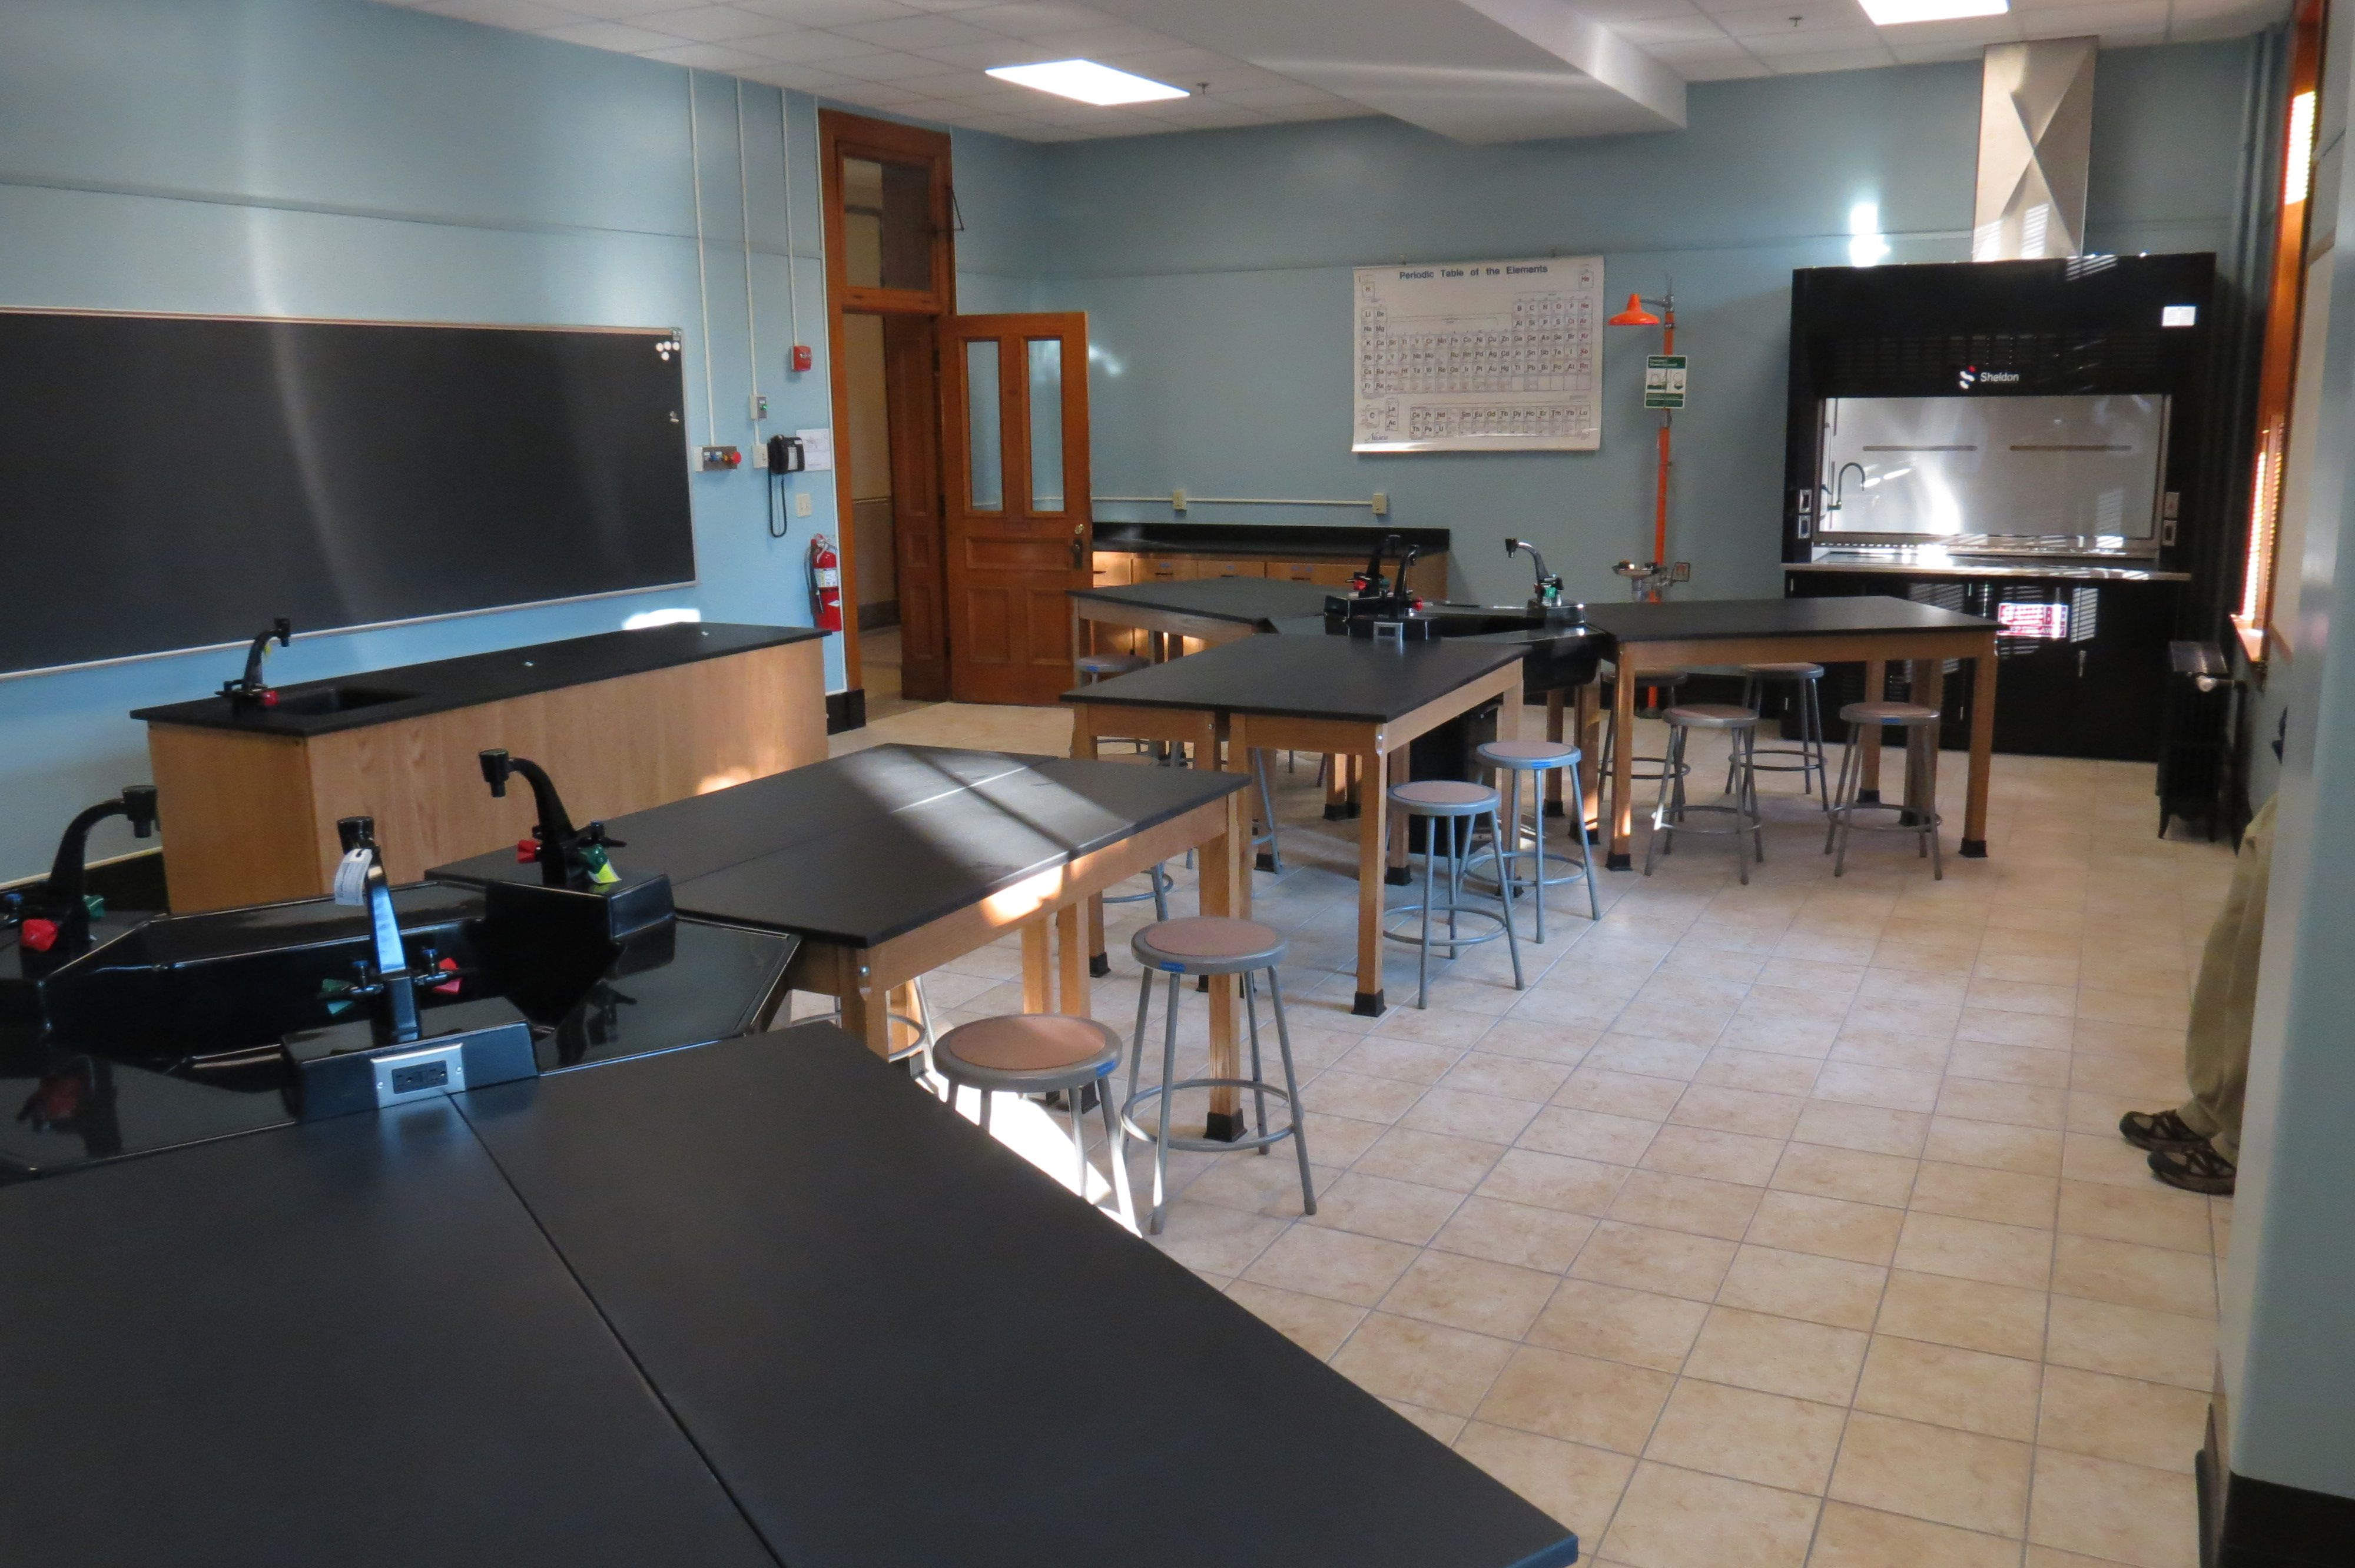 Designing School Lab Spaces